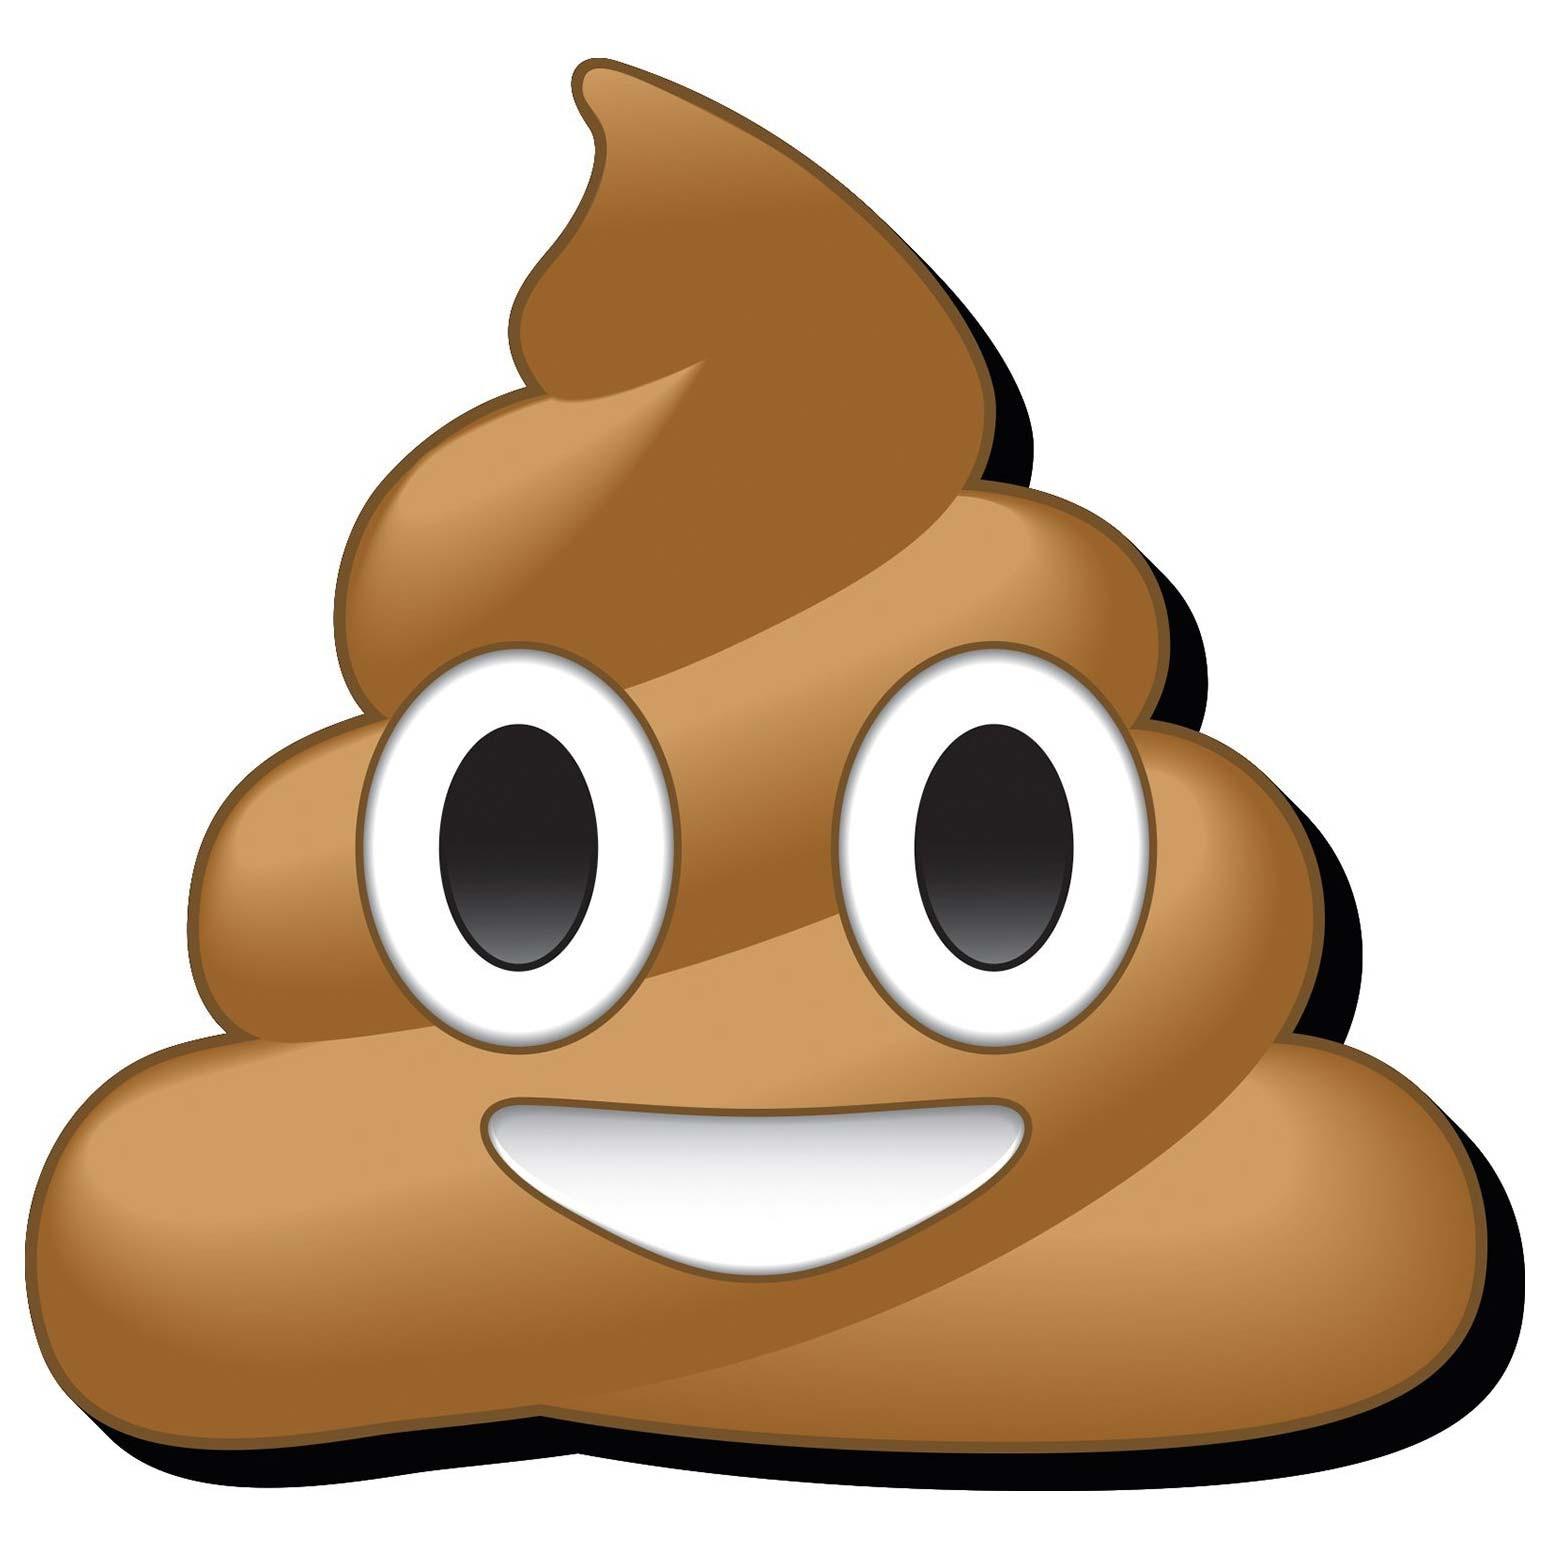 Résultat d'image pour caca emoji